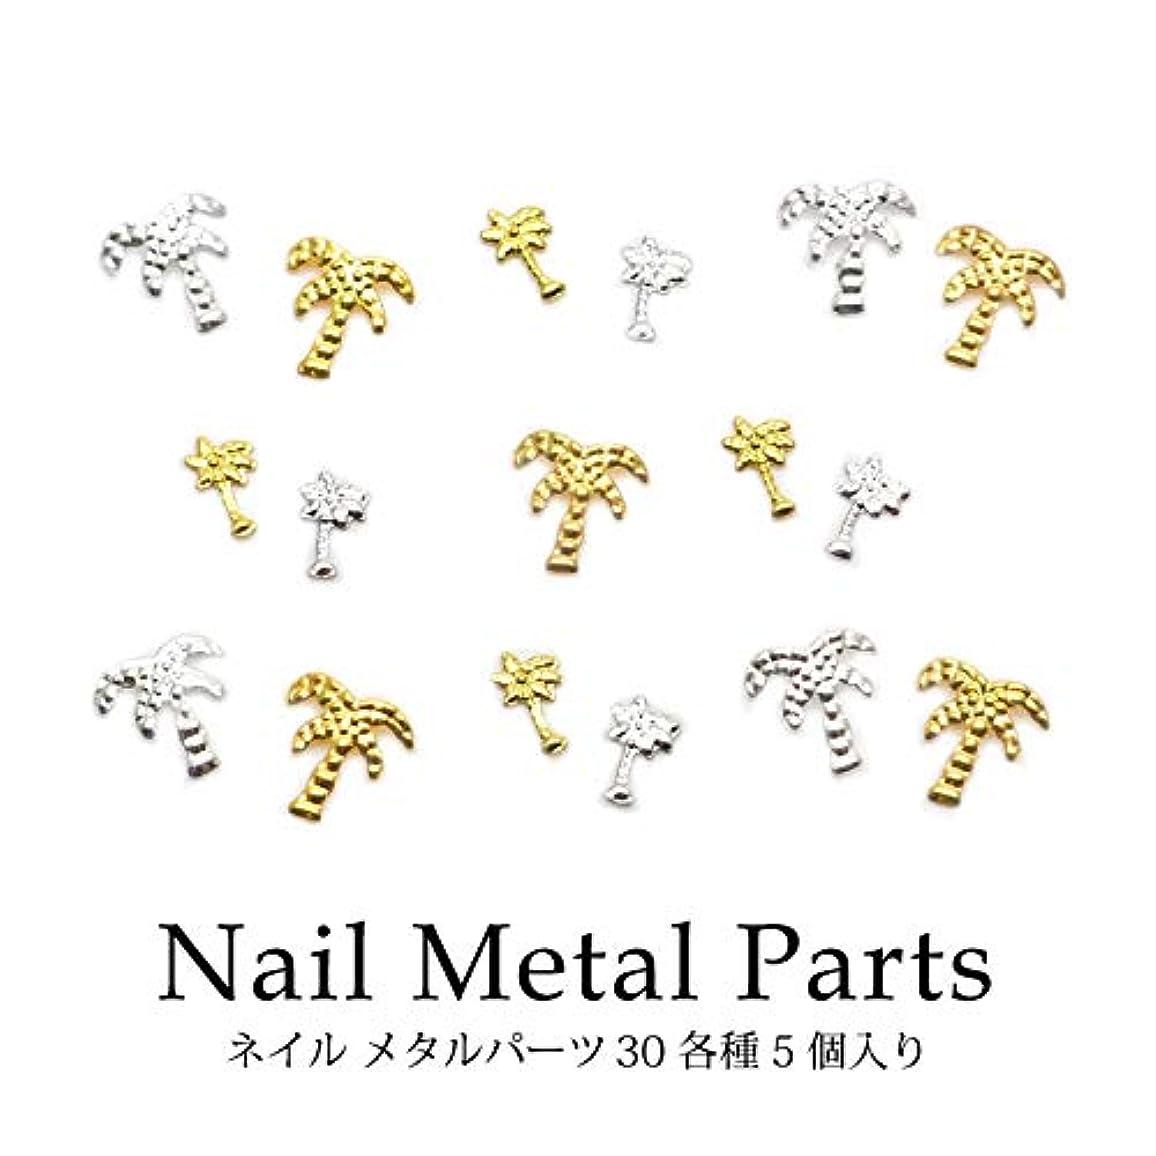 ネイル メタルパーツ 30 各種5個入り (2.ヤシの木 大, ゴールド)